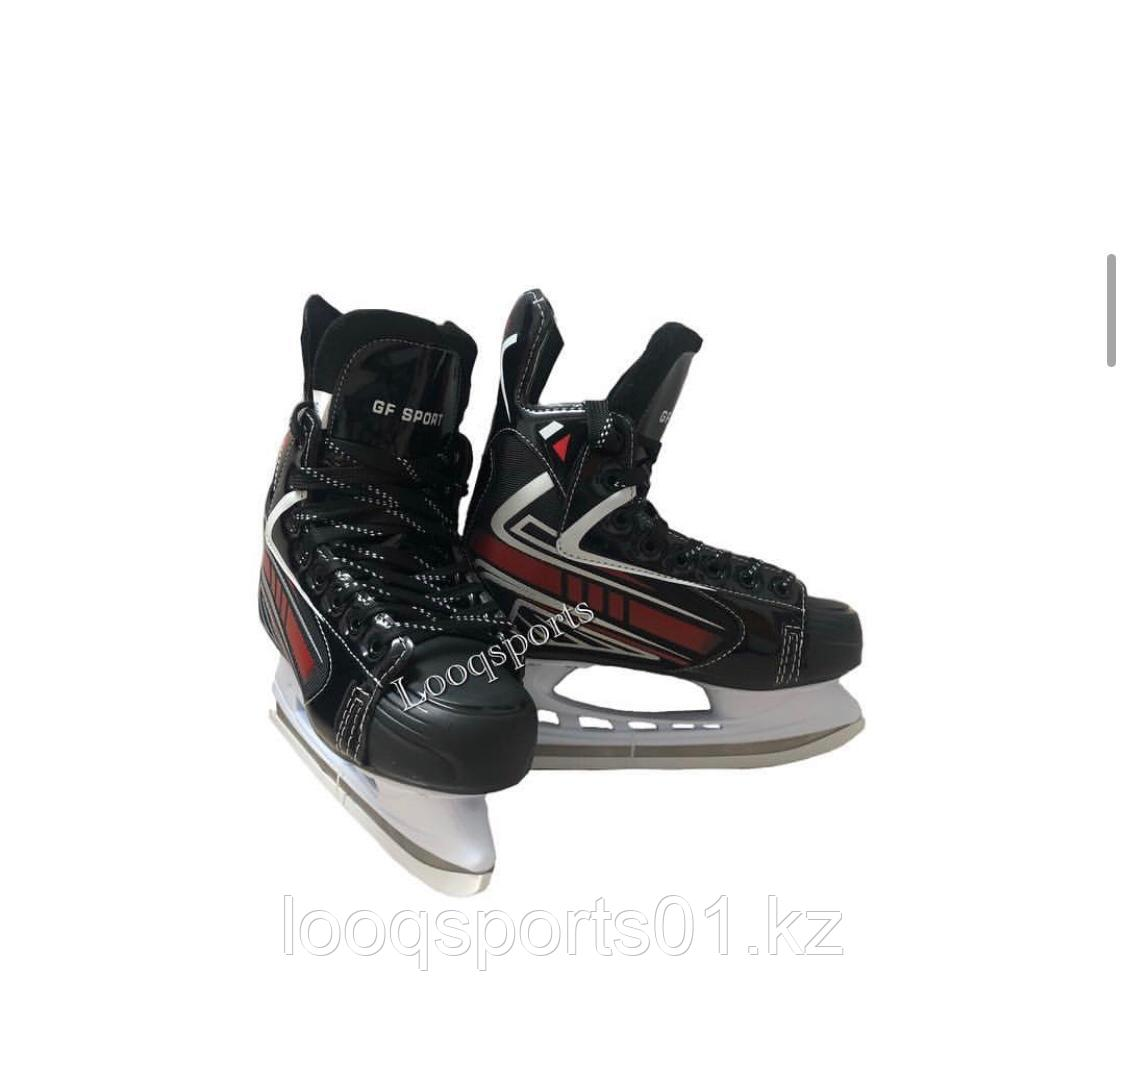 Коньки хоккейные мужские (42р)